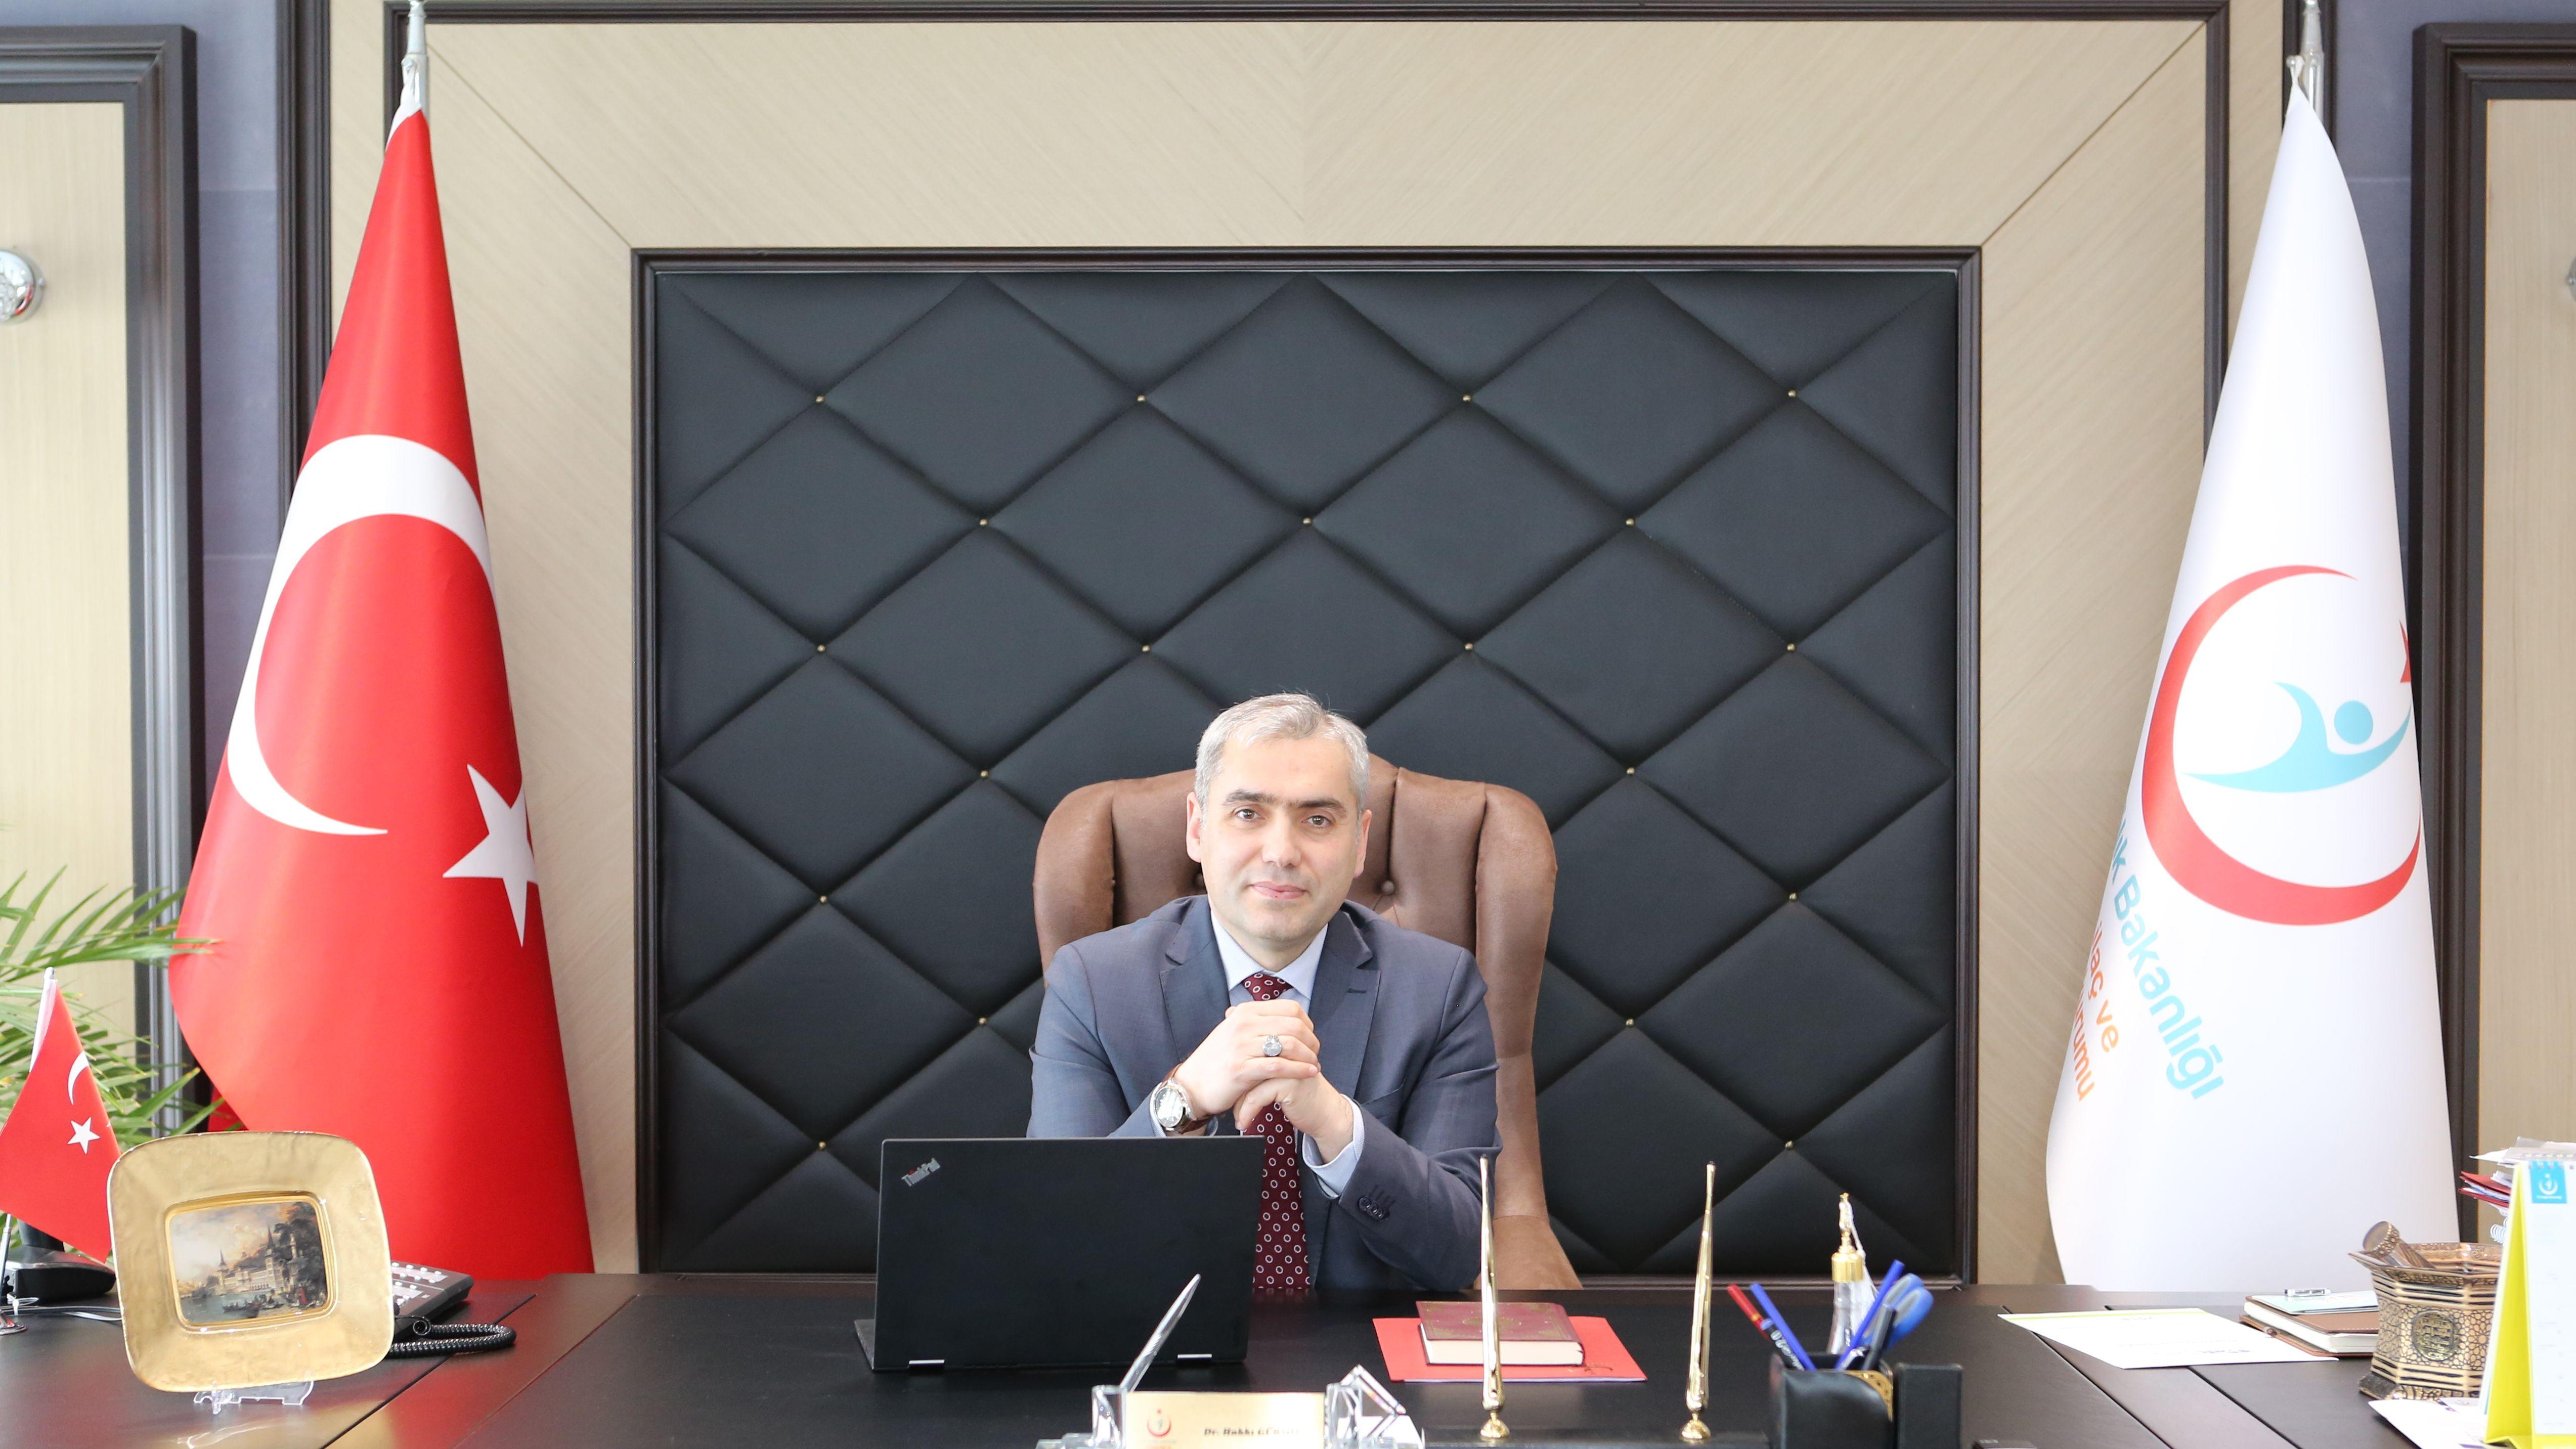 titck-baskani-dr-hakki-gursoz-un-1-mayis-emek-ve-dayanisma-gunu-mesaji-30042019173805